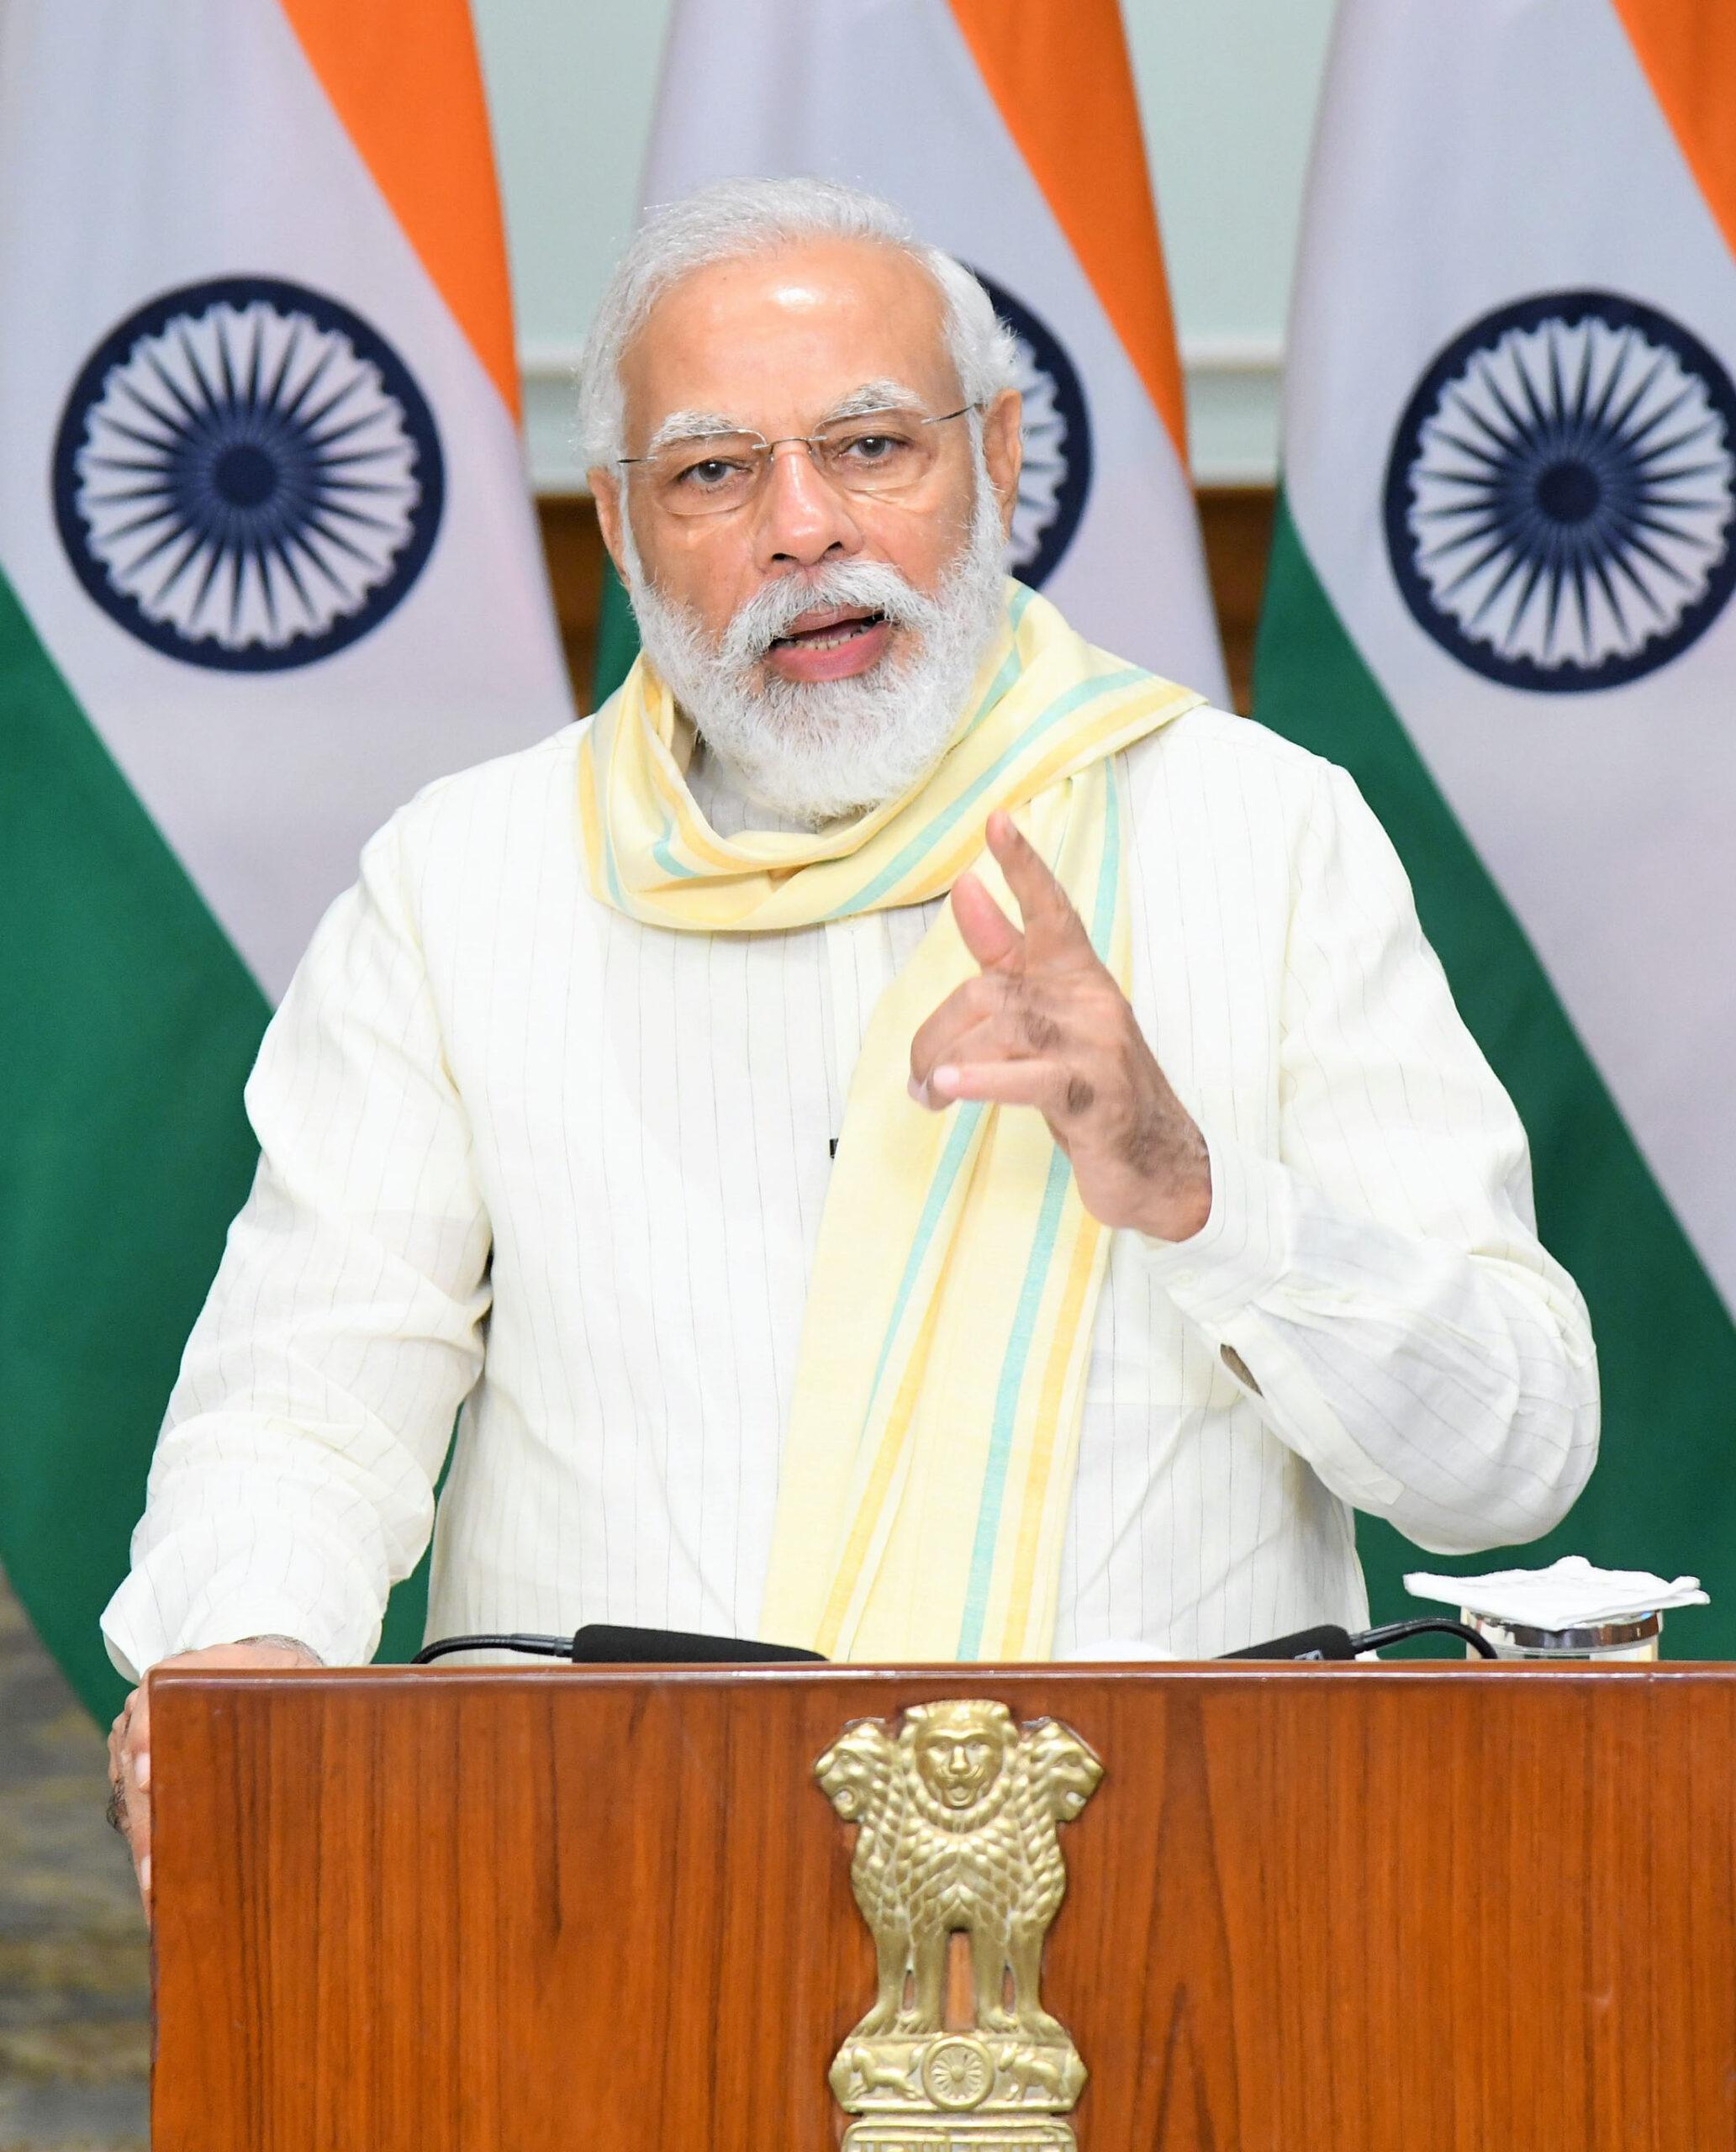 प्रधानमंत्री श्री नरेन्द्र मोदी 22 जुलाई को 'इंडिया आइडियाज समिट' को संबोधित करेंगे